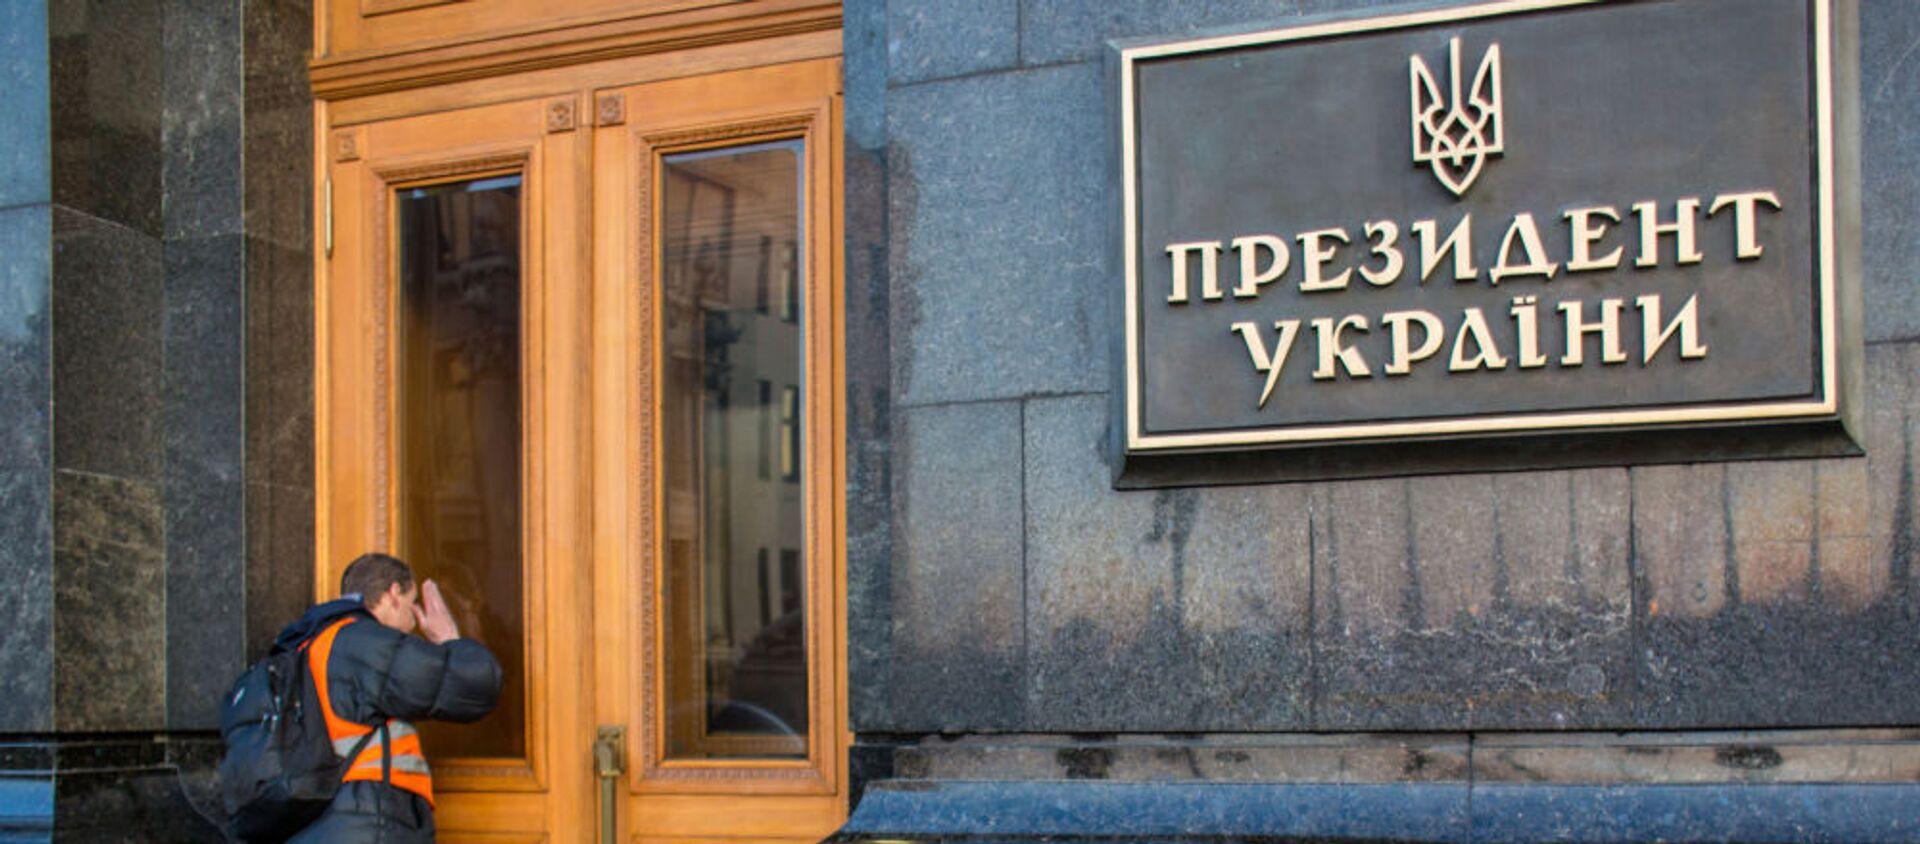 Budynek administracji prezydenta Ukrainy w centrum Kijowa - Sputnik Polska, 1920, 09.04.2021